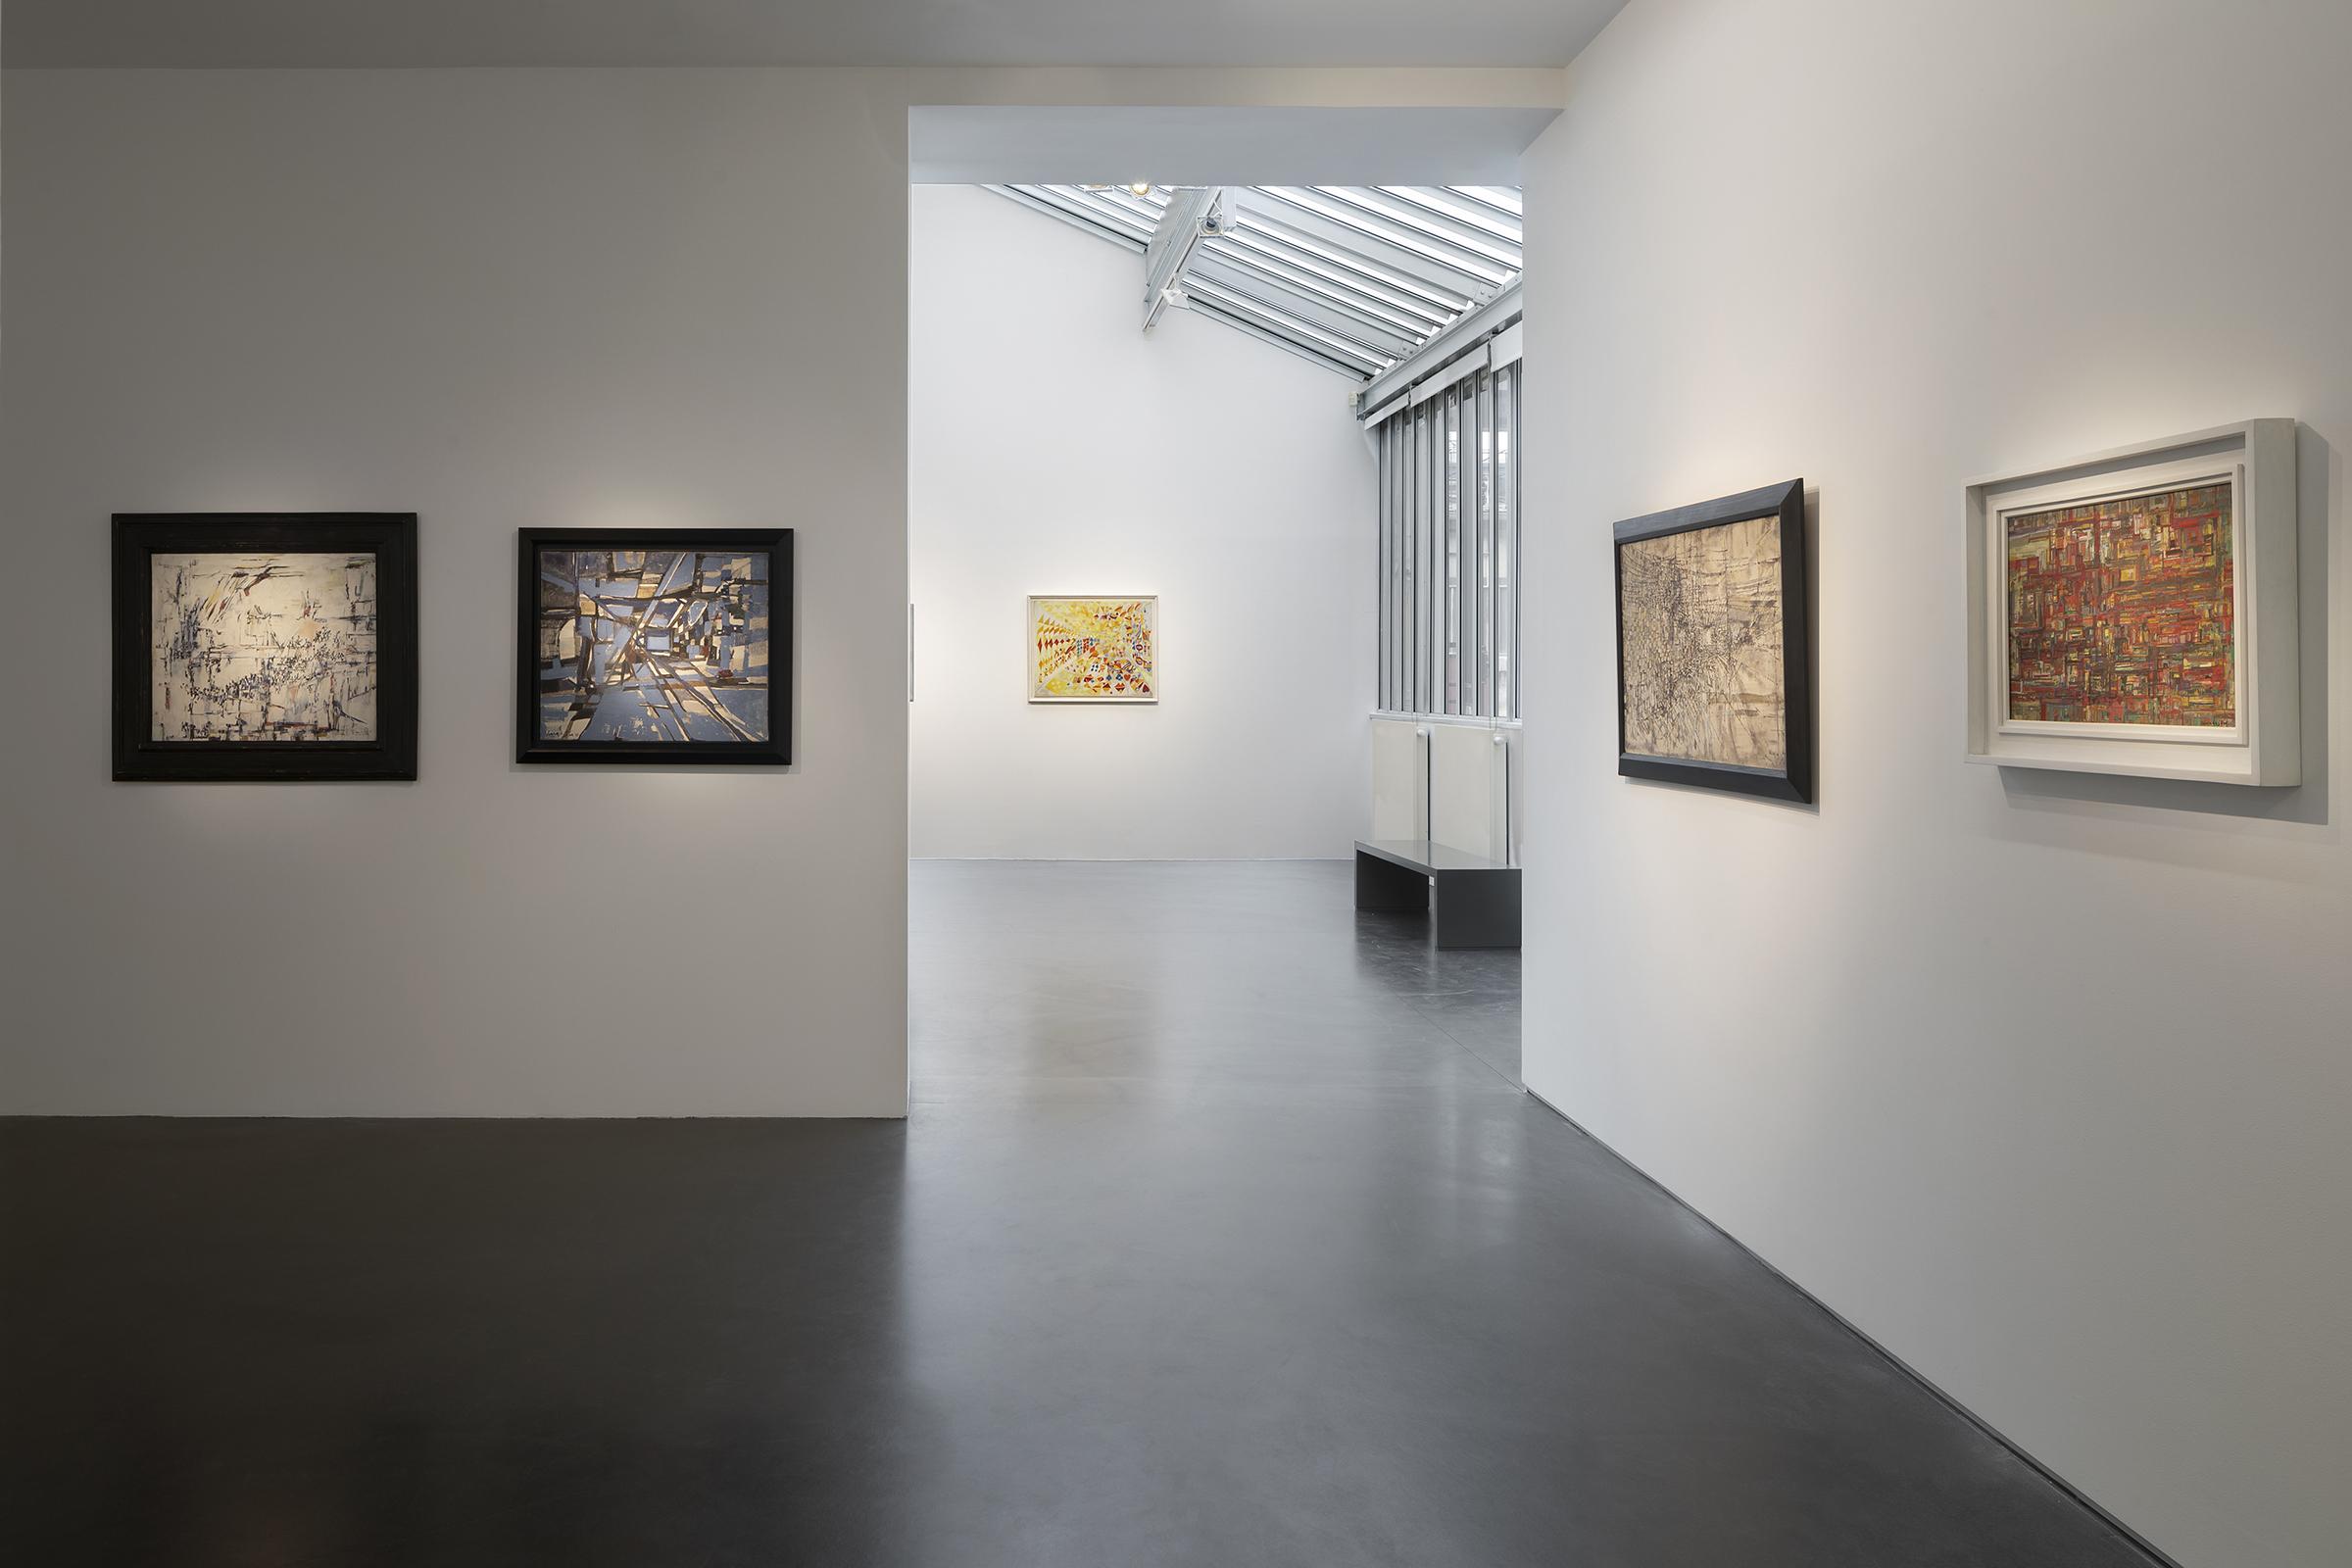 Spaces Rue De Londres en collaboration avec waddington custot londres & di donna